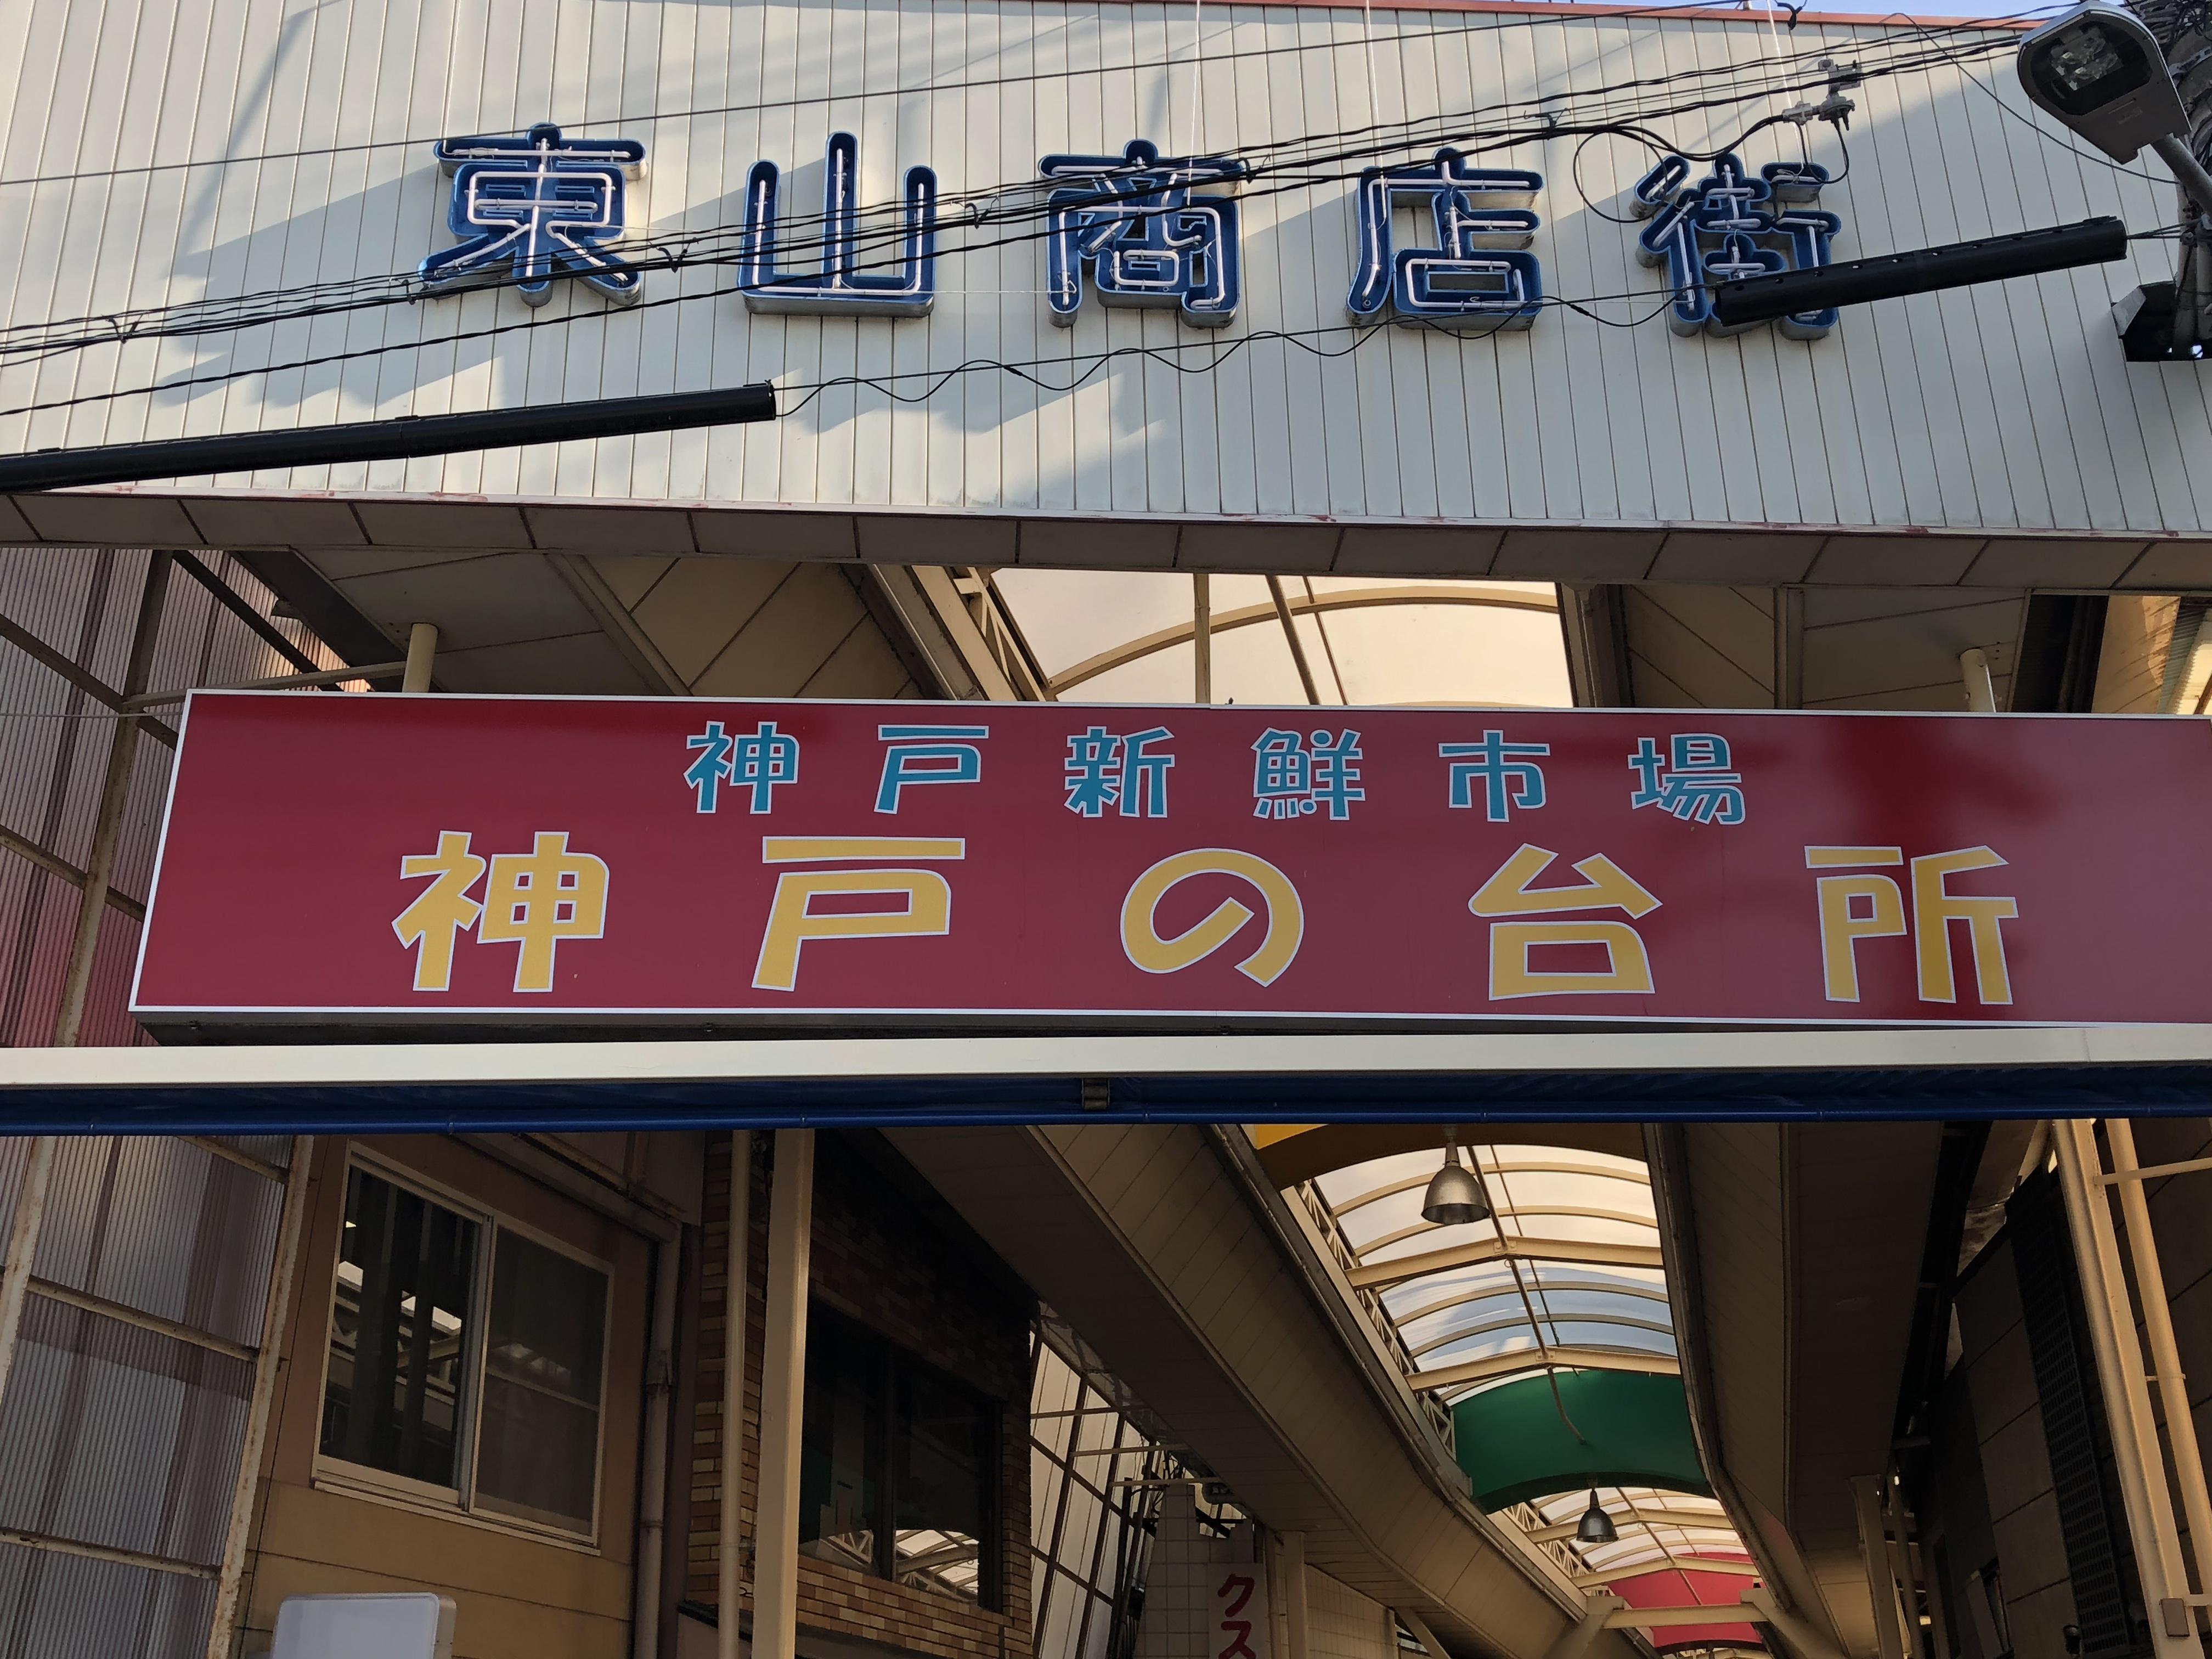 神戸・兵庫区にある東山商店街と湊川界隈を散策してみた!#東山商店街 #神戸新鮮市場 #平民金子